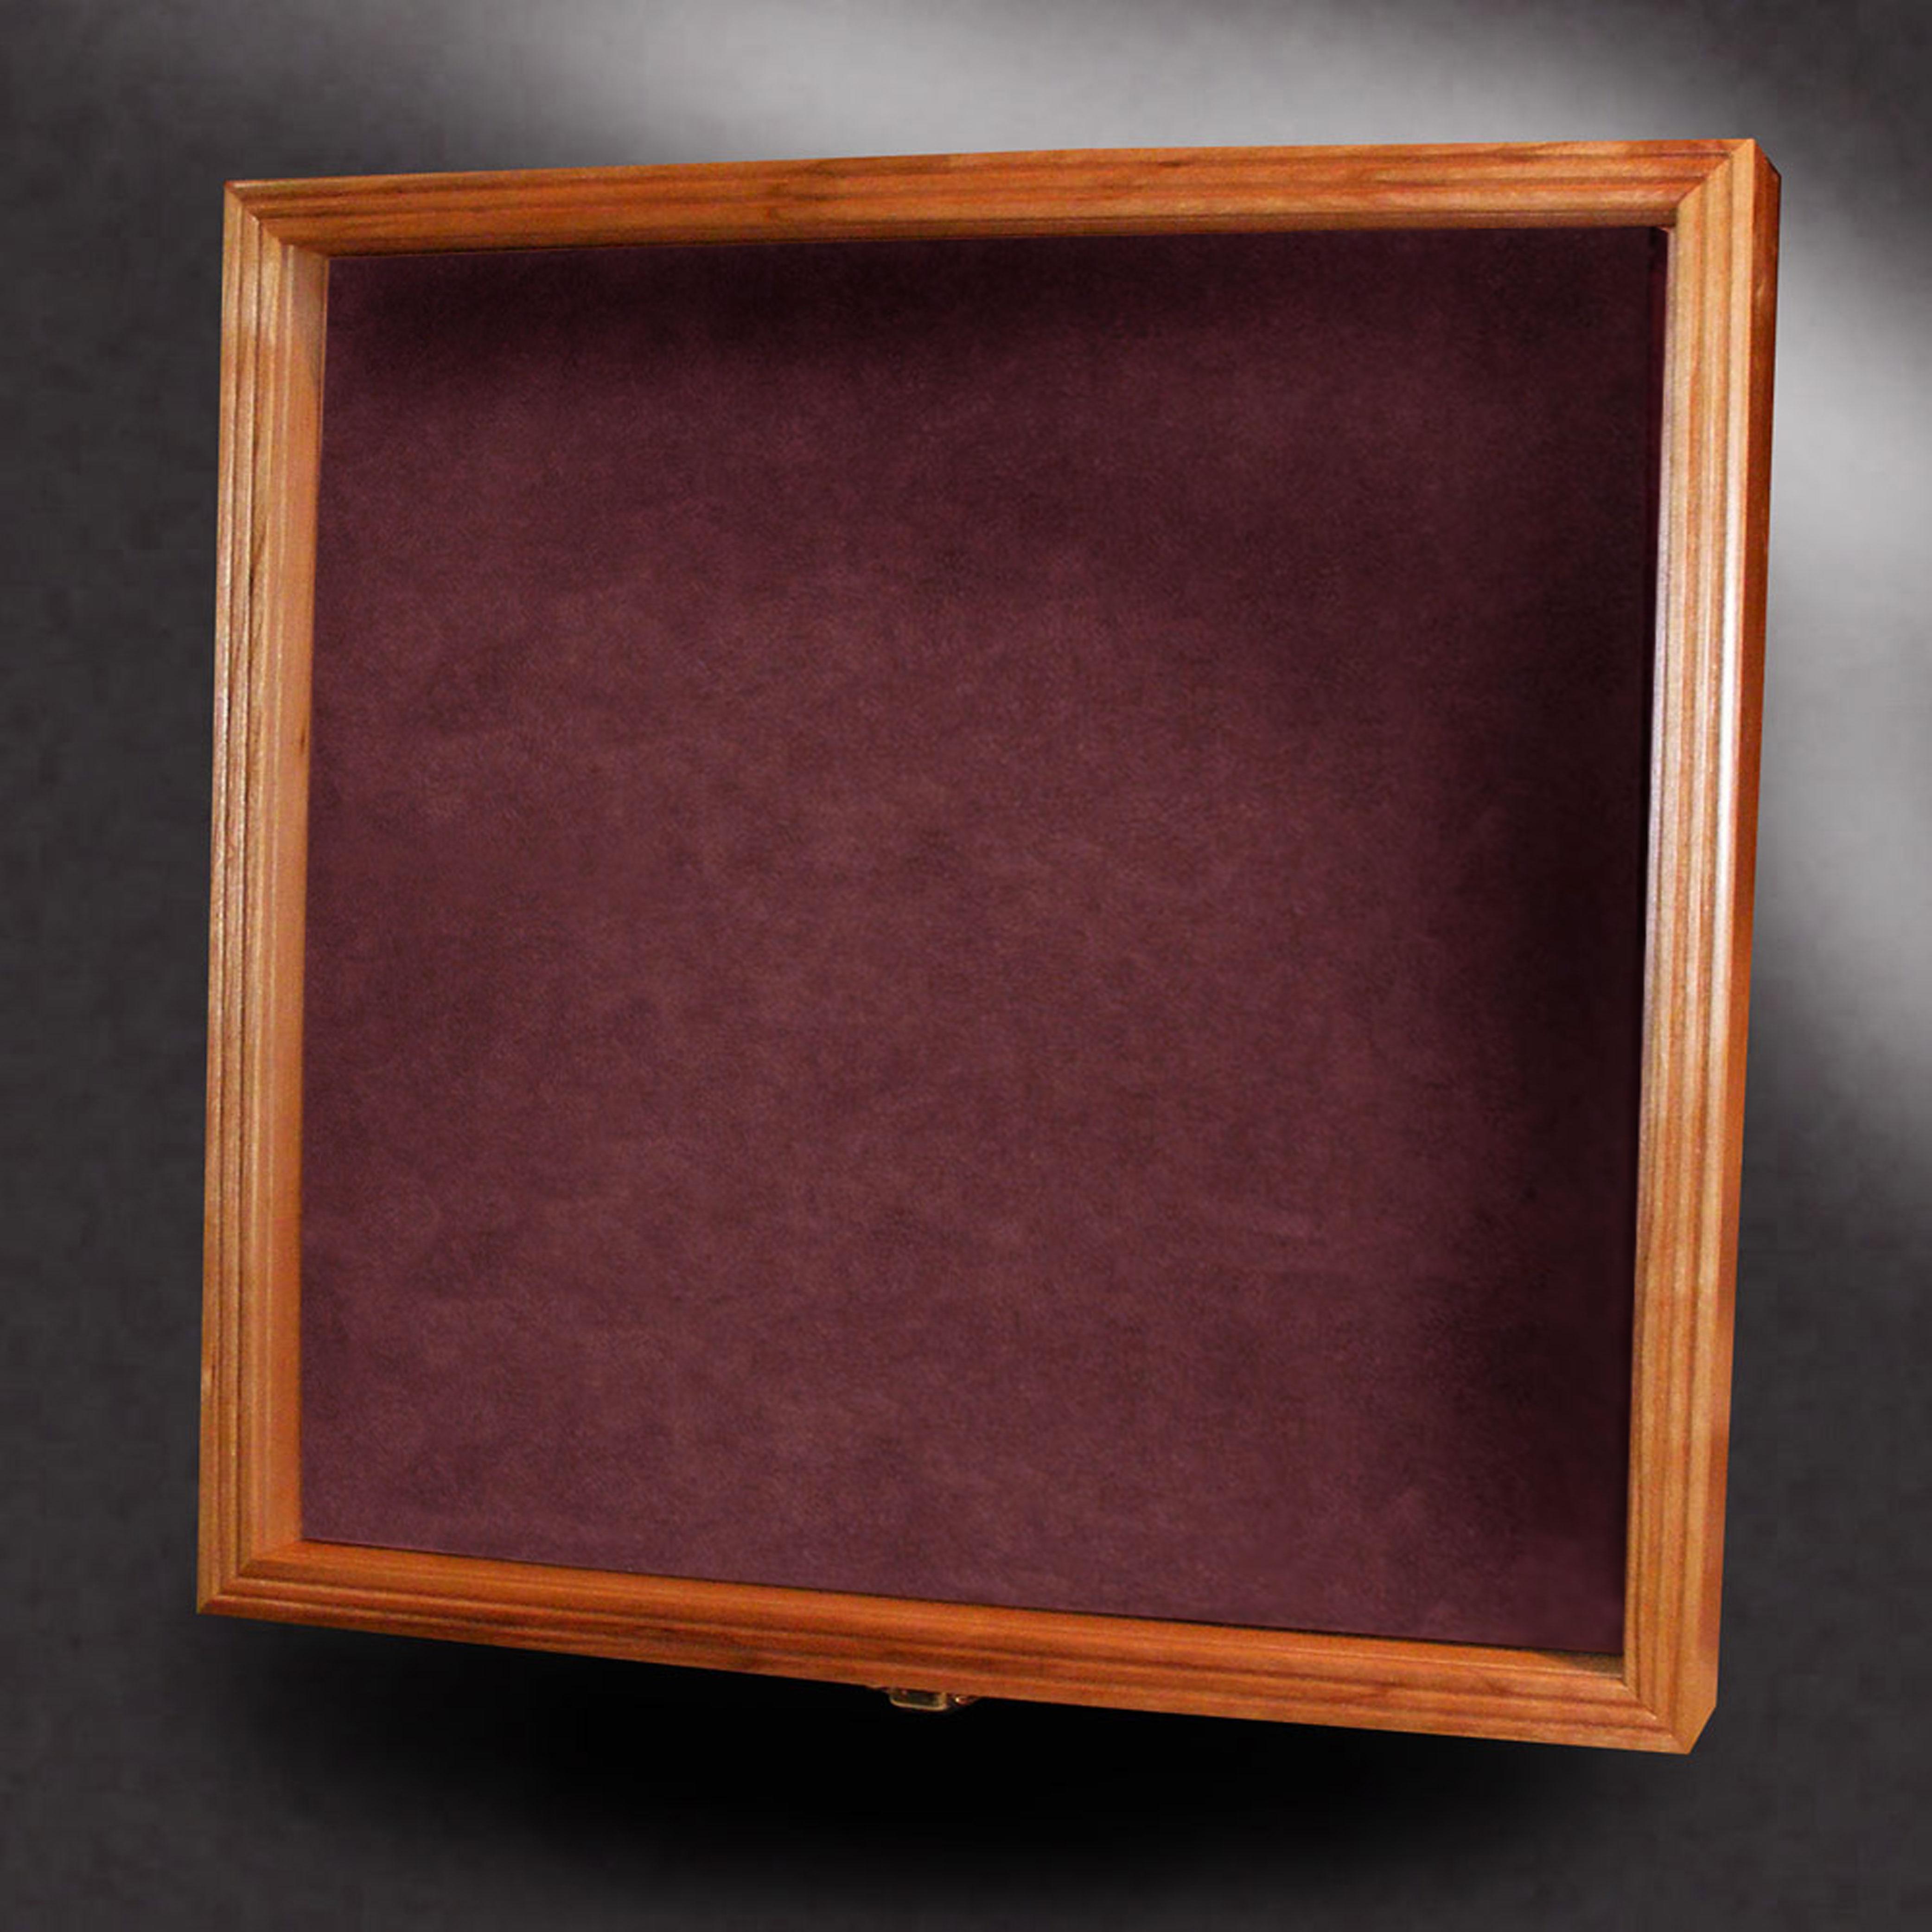 16x16 Wood Shadow Box Greg Seitz Woodworking